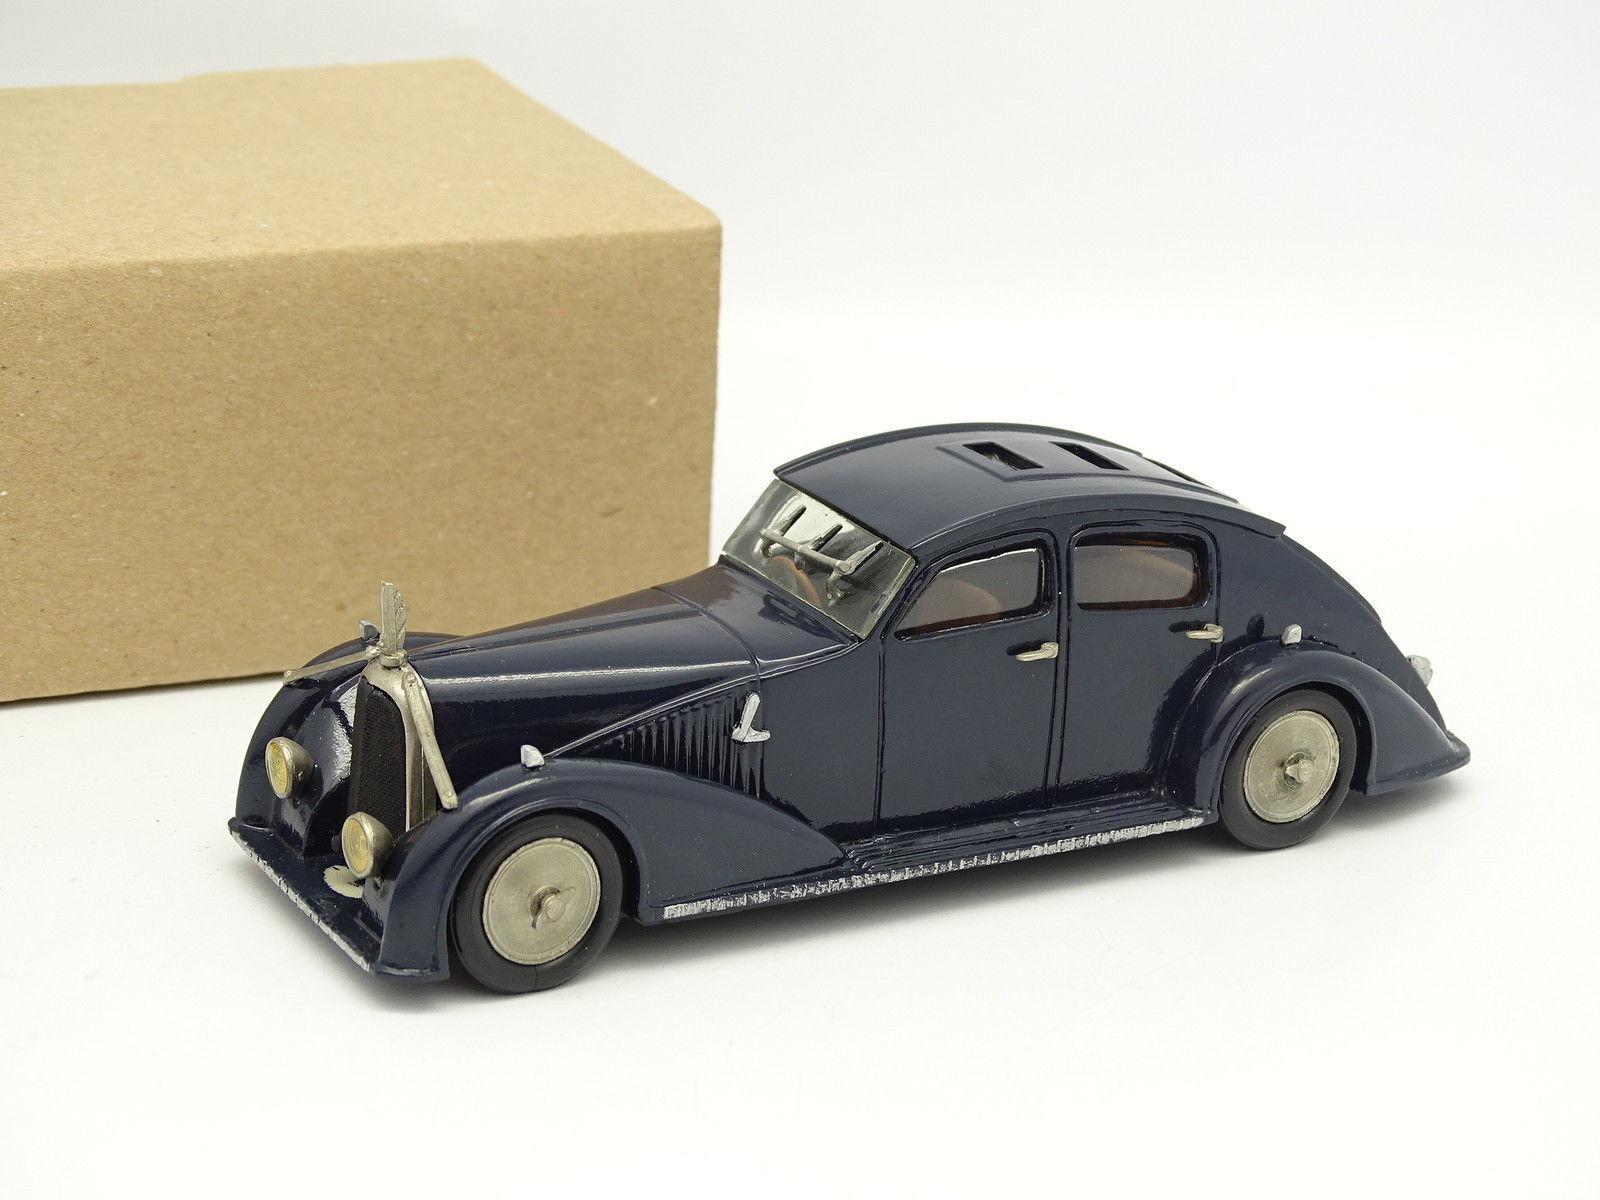 Epokit Kit Monté Résine 1 43 -  Voisin  C28 1938 Bleue  achats en ligne et magasin de mode